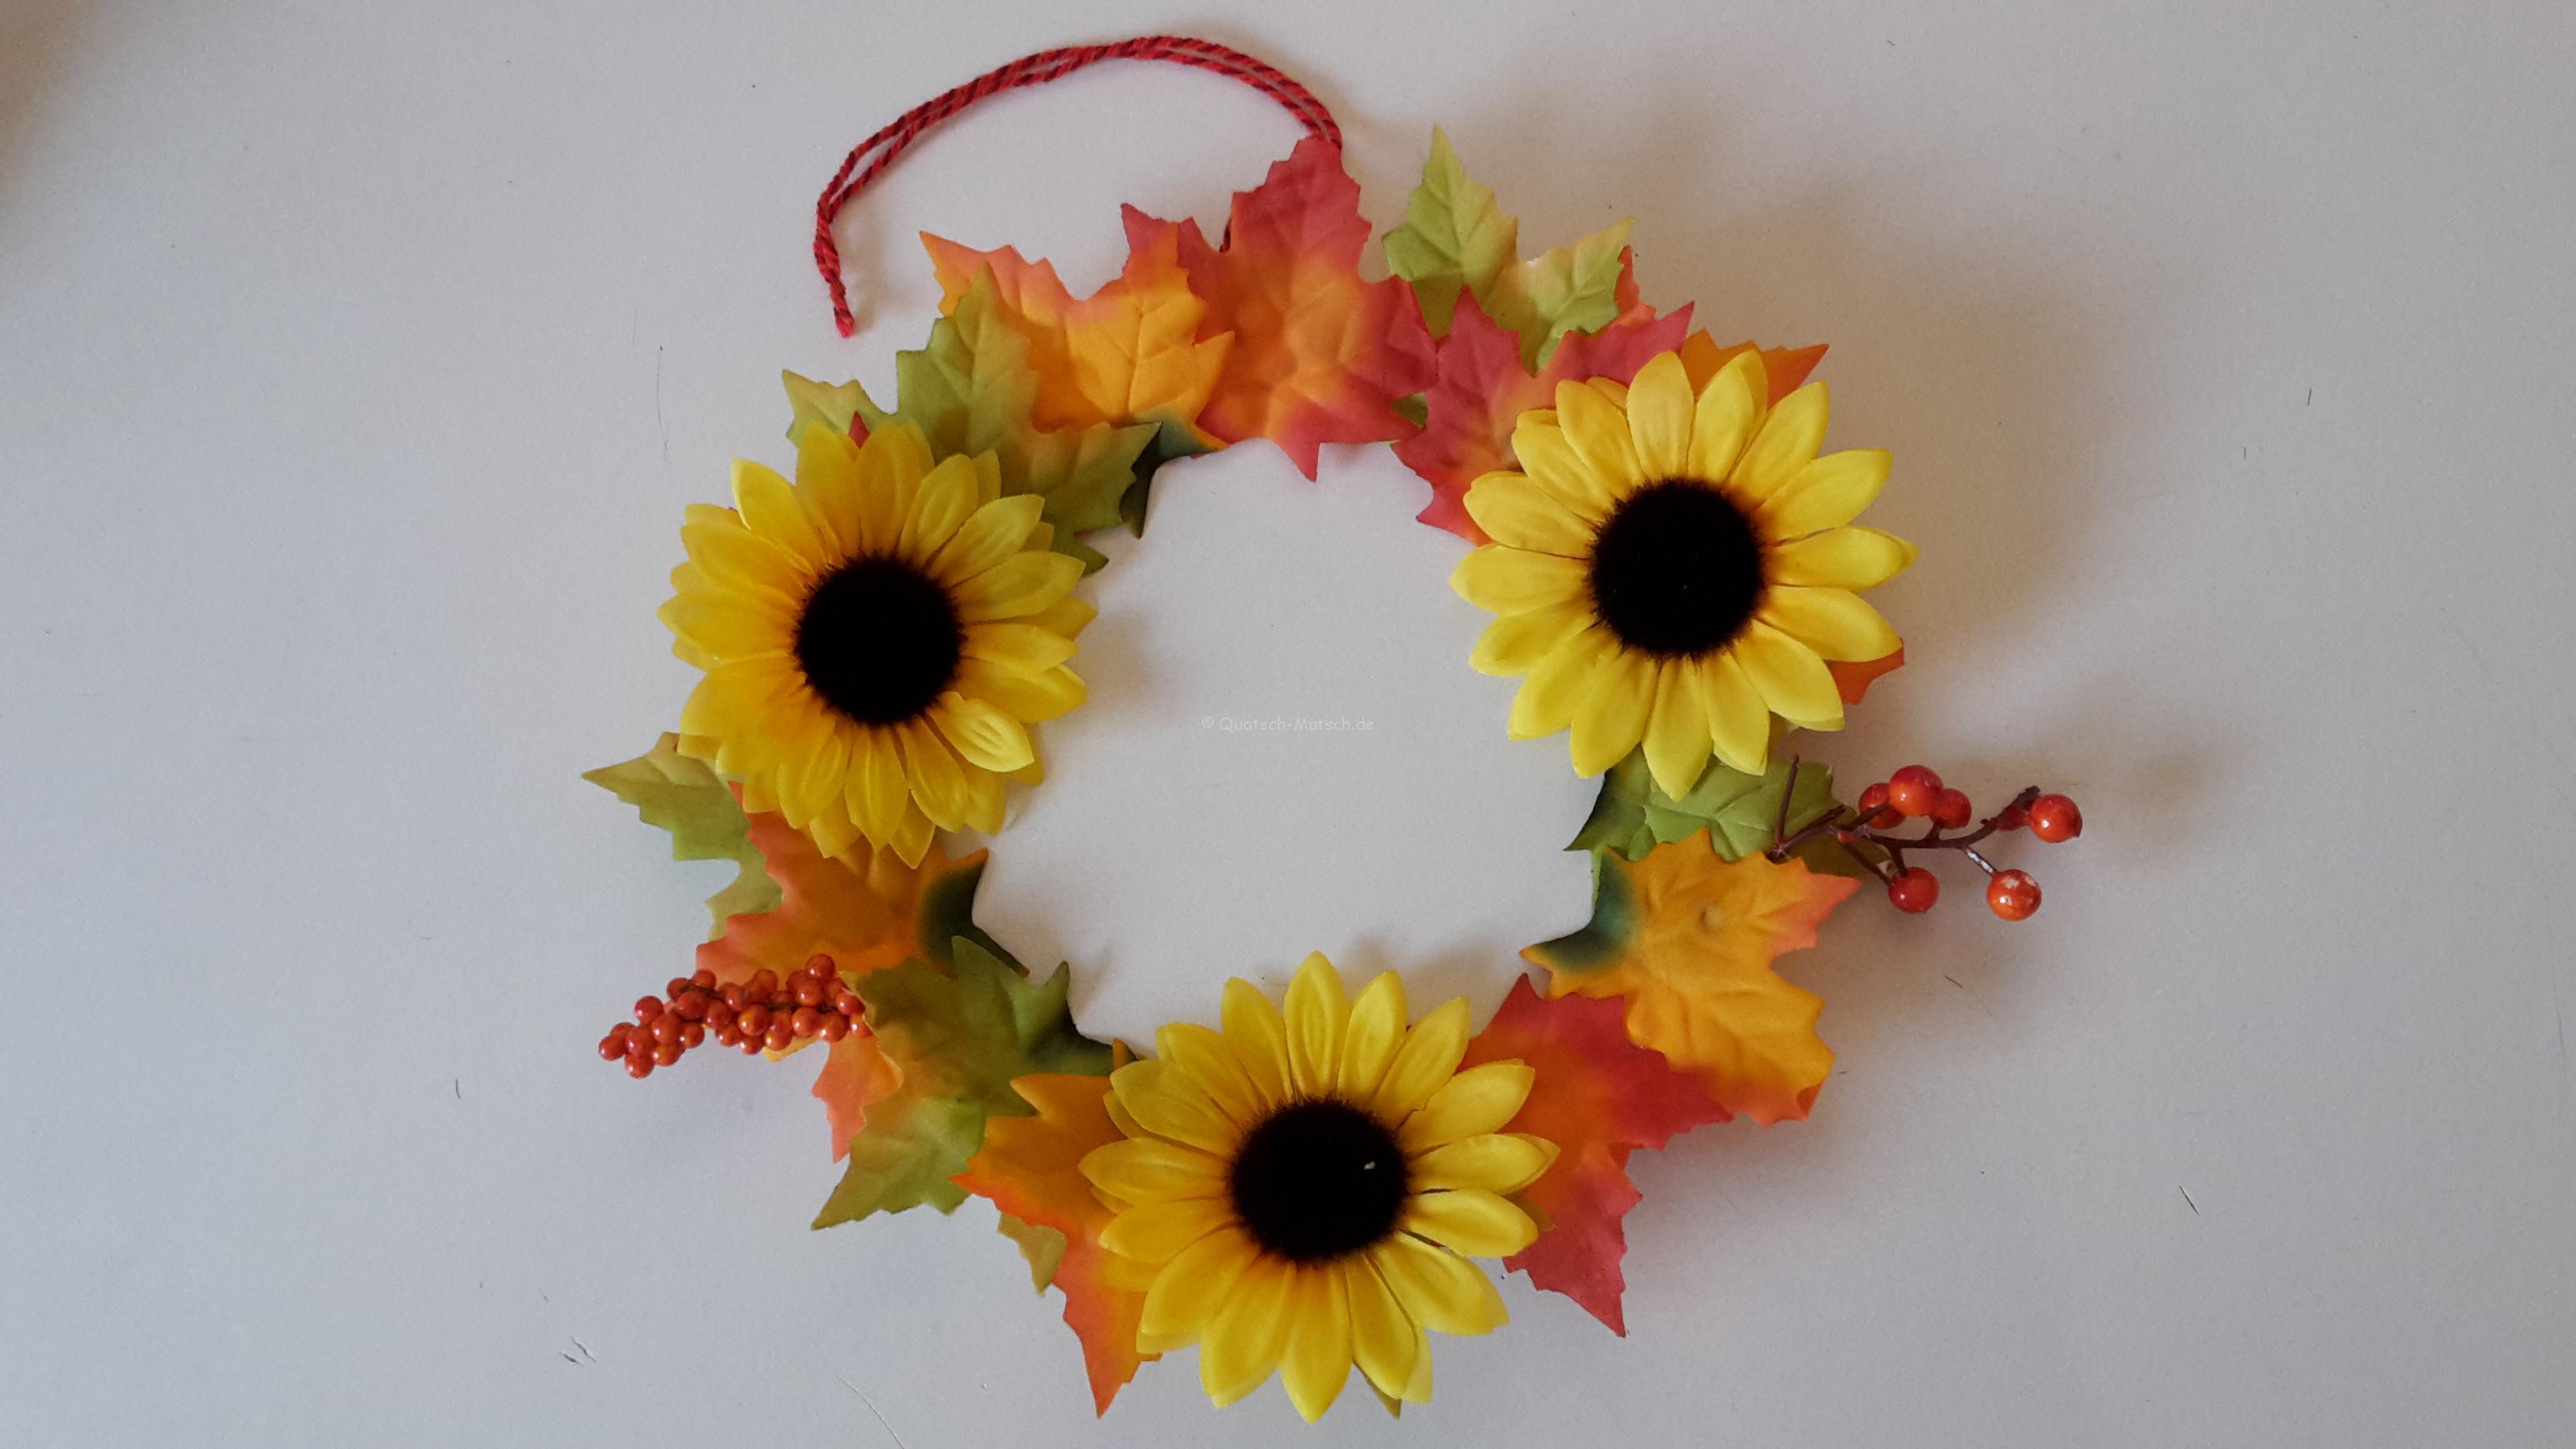 Farbenfroher Herbstschmuck für die Tür